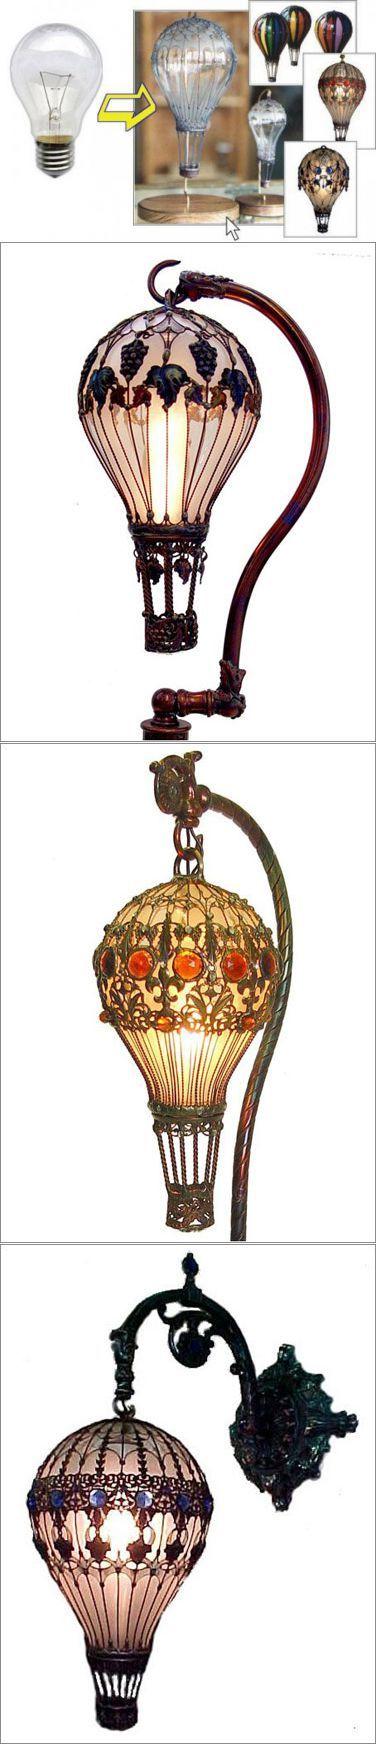 Поделки из лампочек   Самоделки